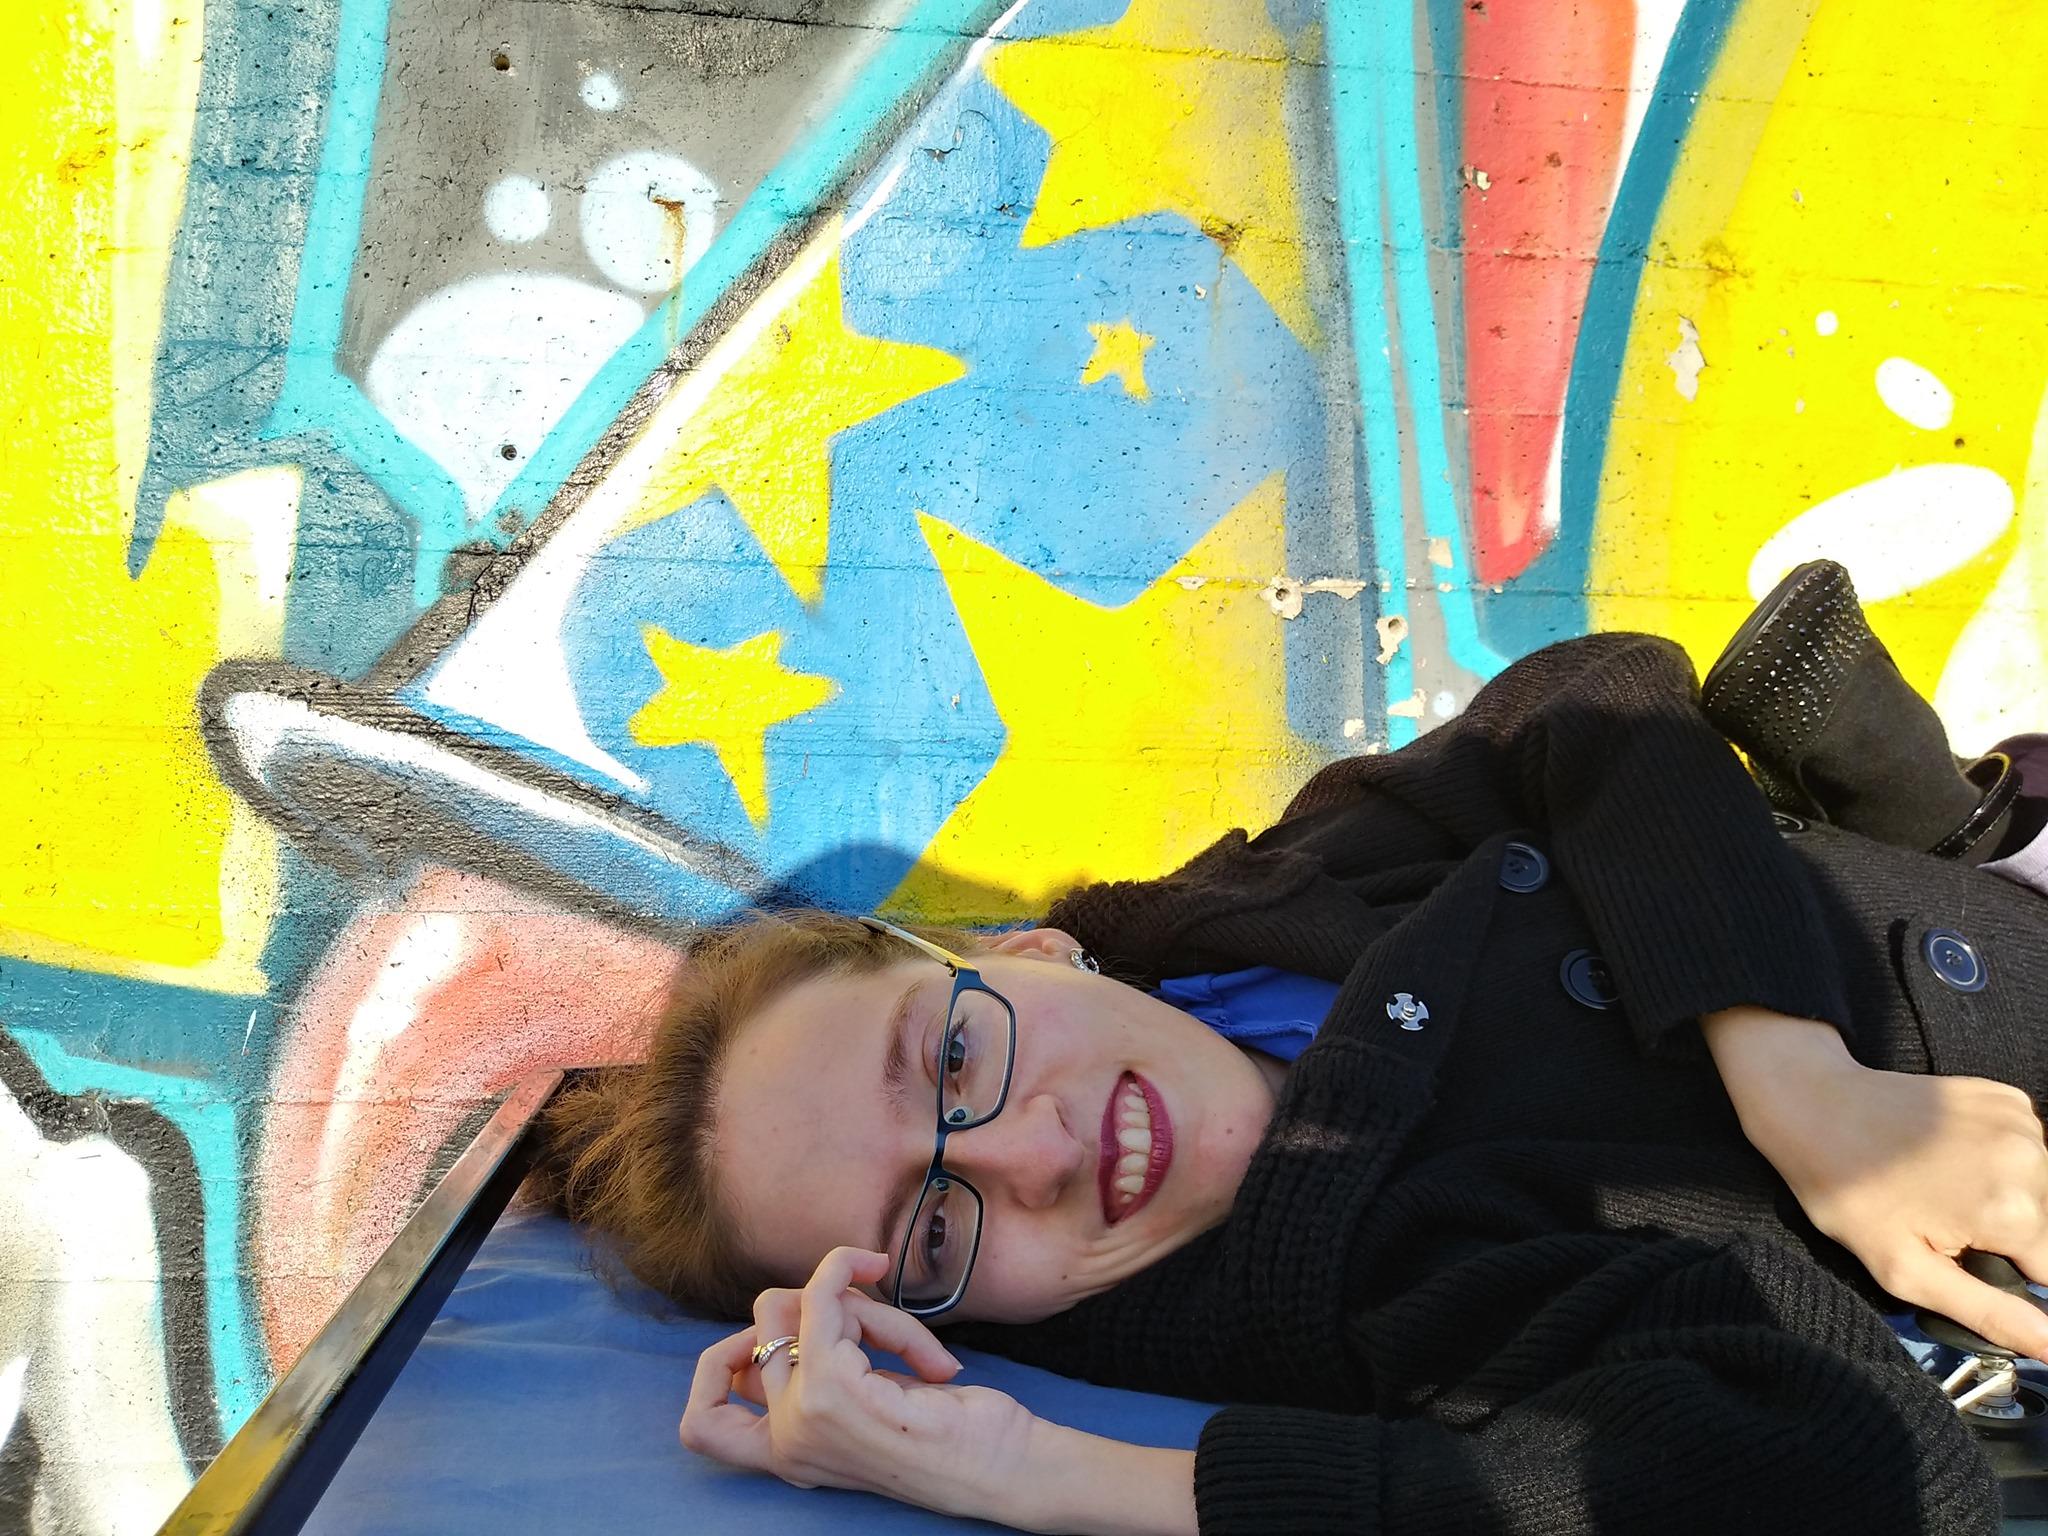 foto di Elena che sorride; indossa una giacca nera con dei grossi bottoni e ha i capelli castani legati in una coda. Sullo sfondo, dei graffiti colorati.